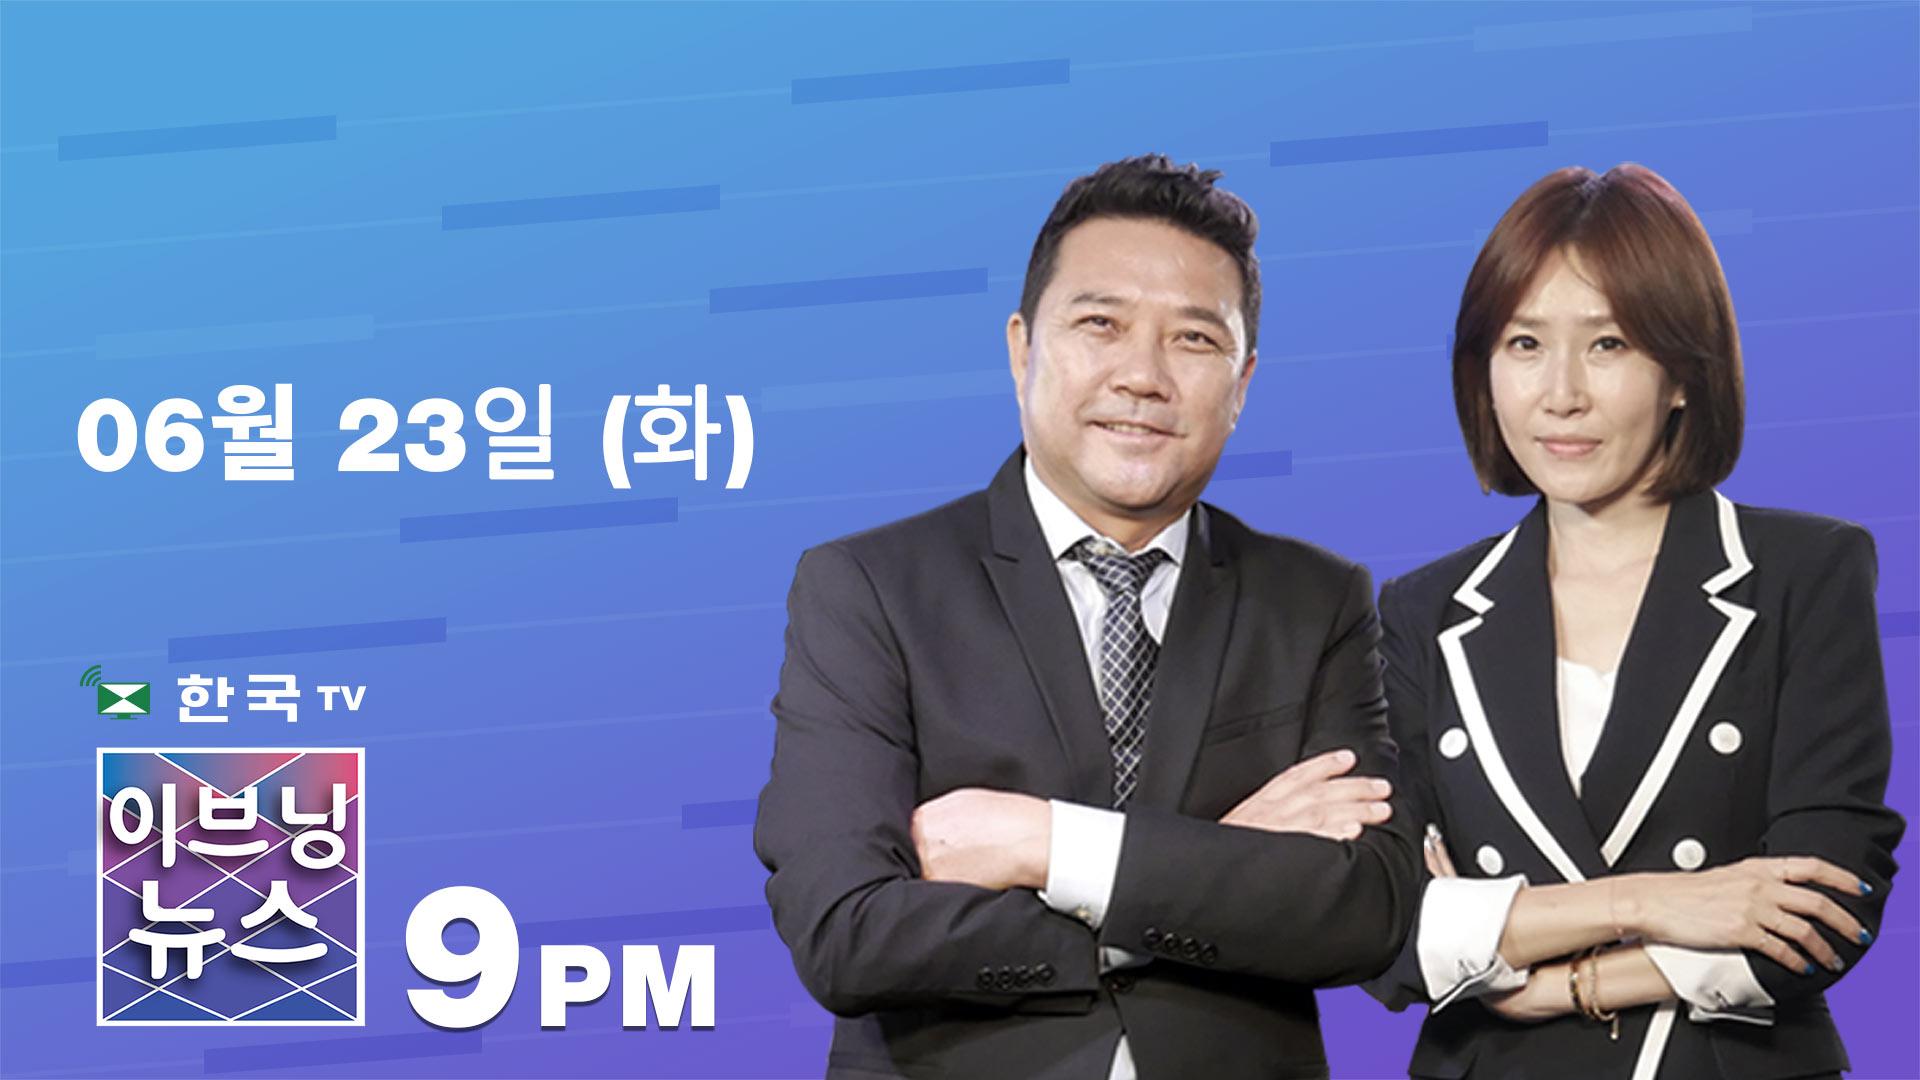 (06.23.2020) 한국TV 이브닝 뉴스